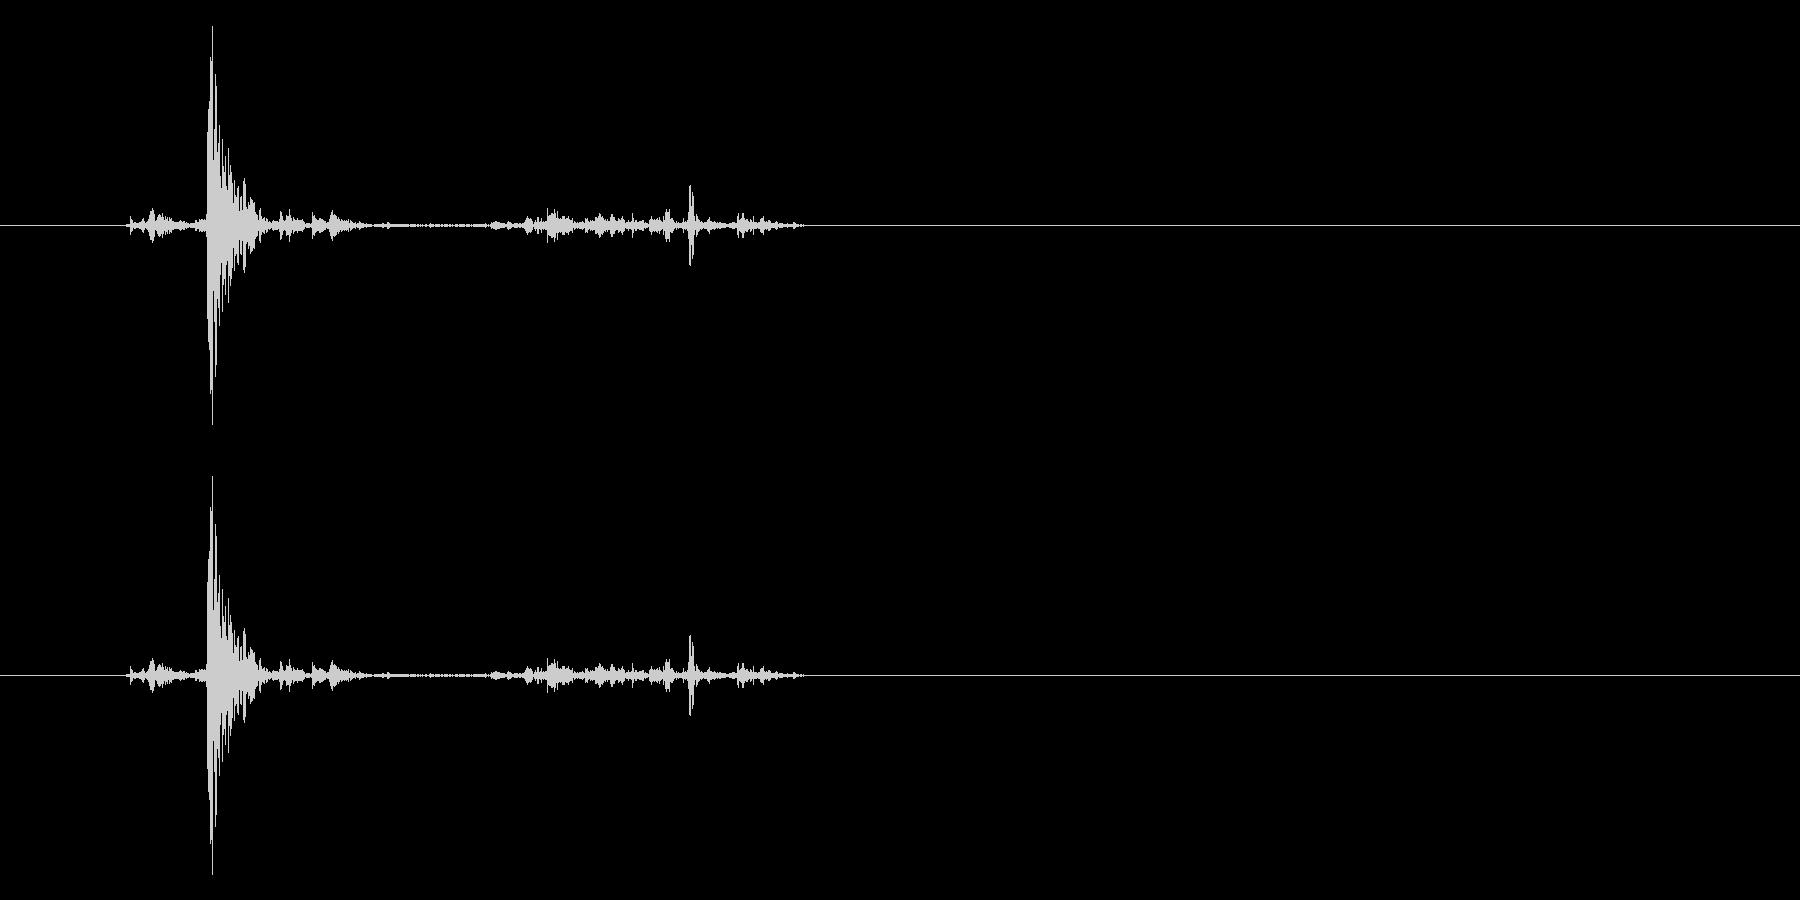 ポッチャン!池ポチャの音3の未再生の波形